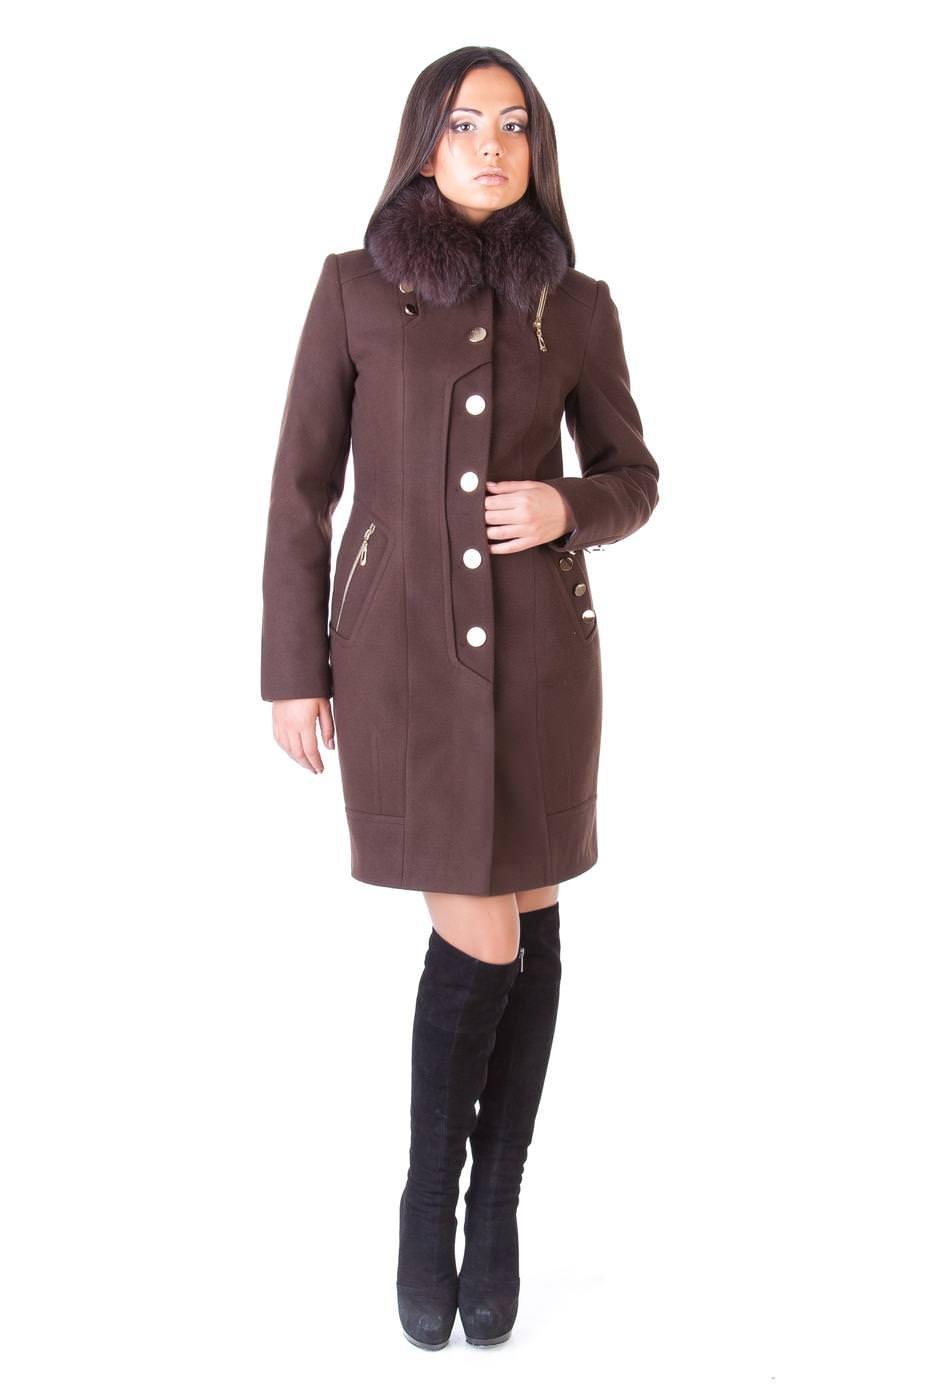 Купить оптом женское пальто недорого Пальто с мехом Айсберг комфорт